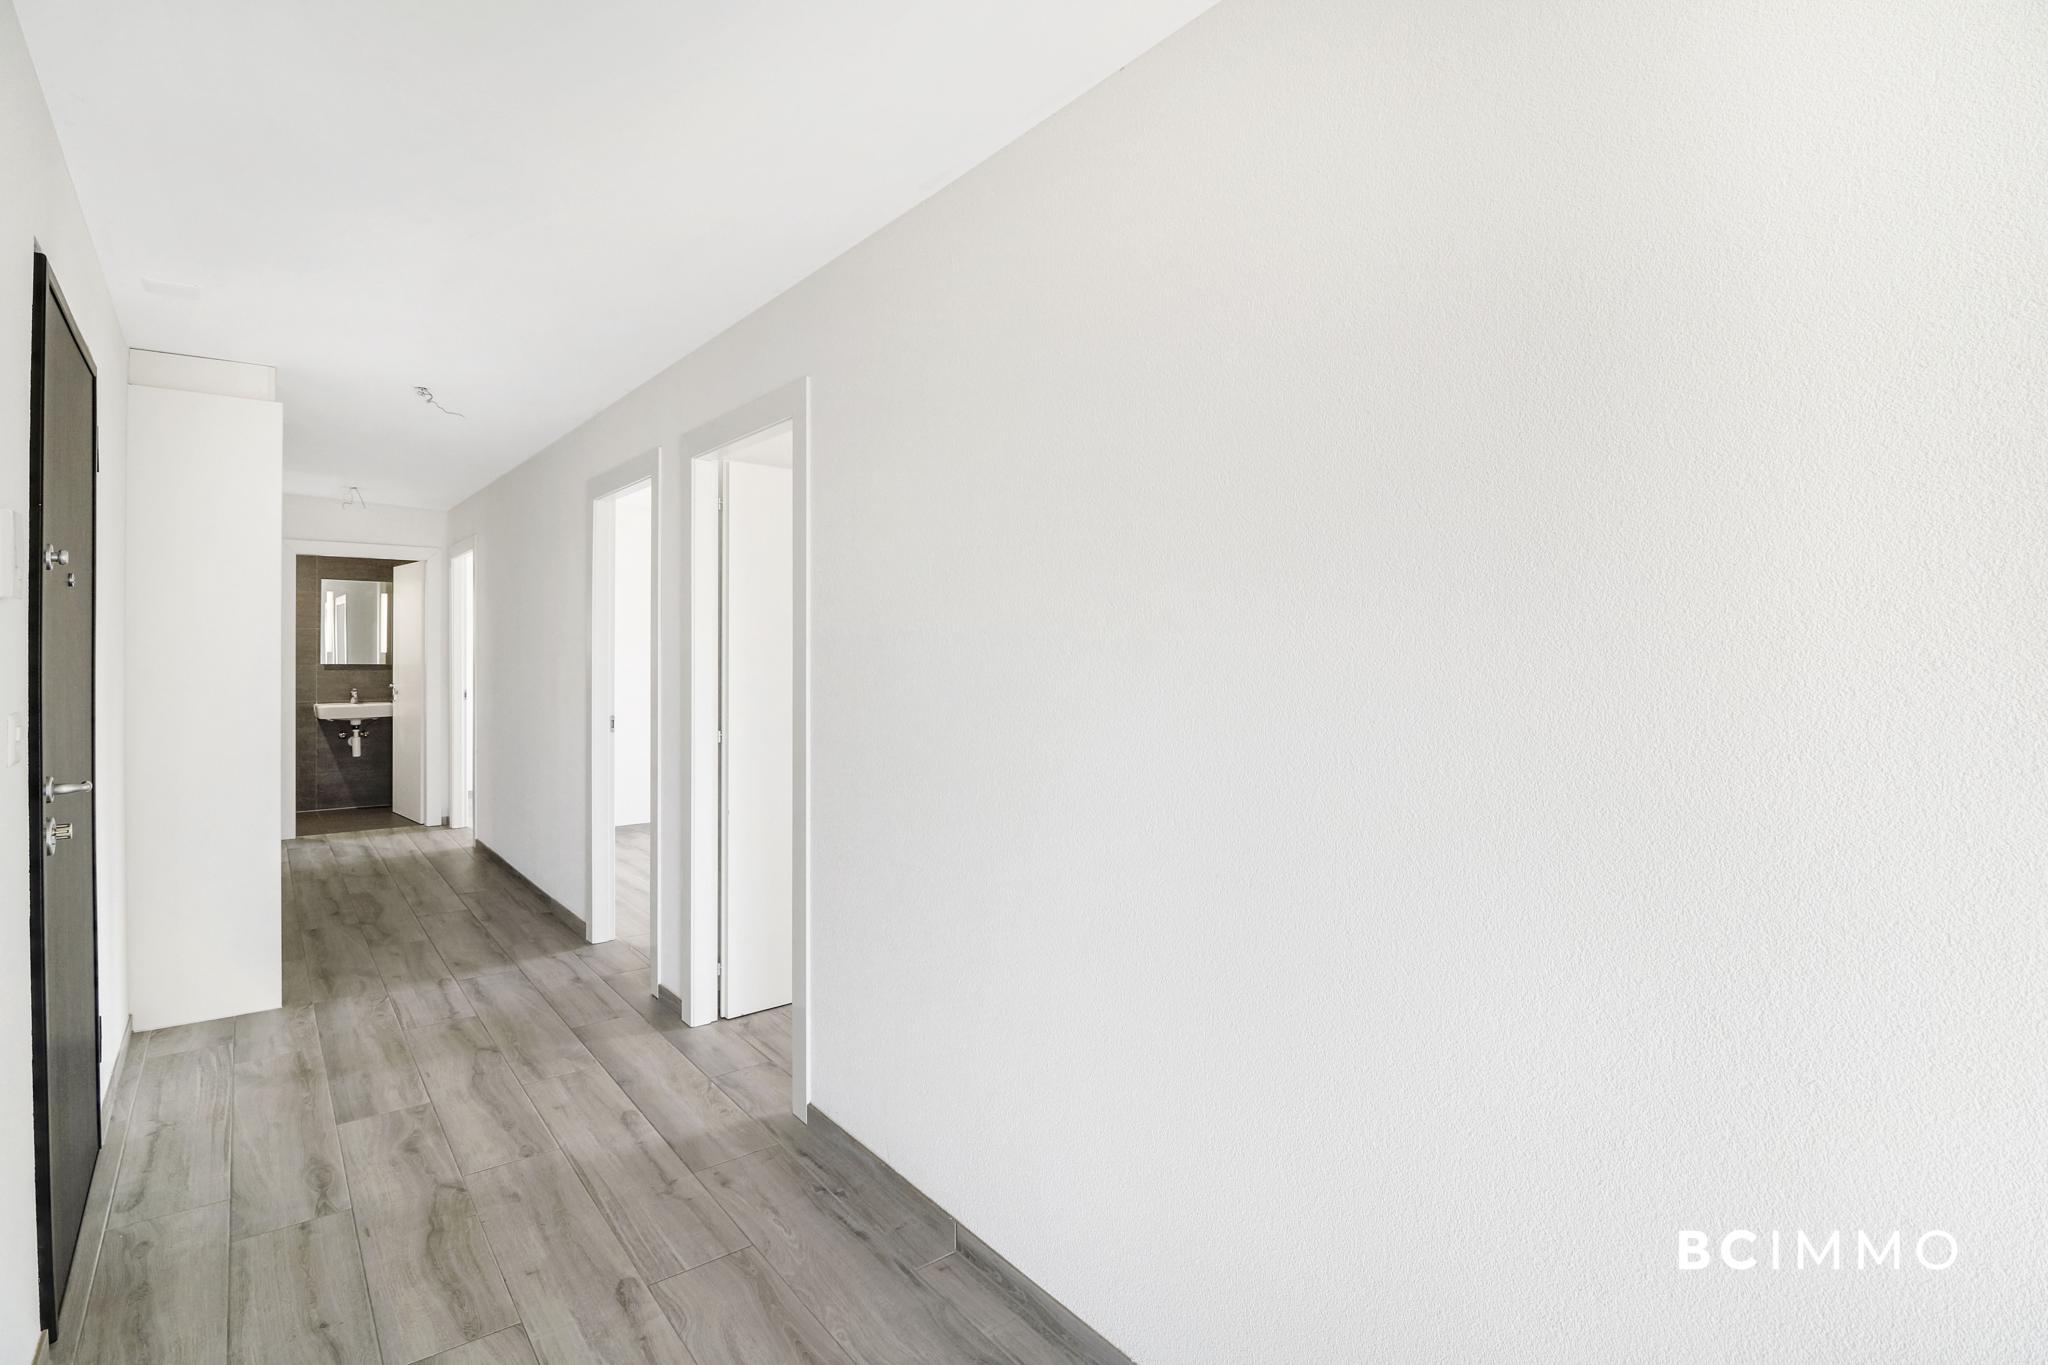 BC Immo - Récent appartement contemporain au coeur du charmant village d'Essertines-sur-Yverdon - 1417KG80